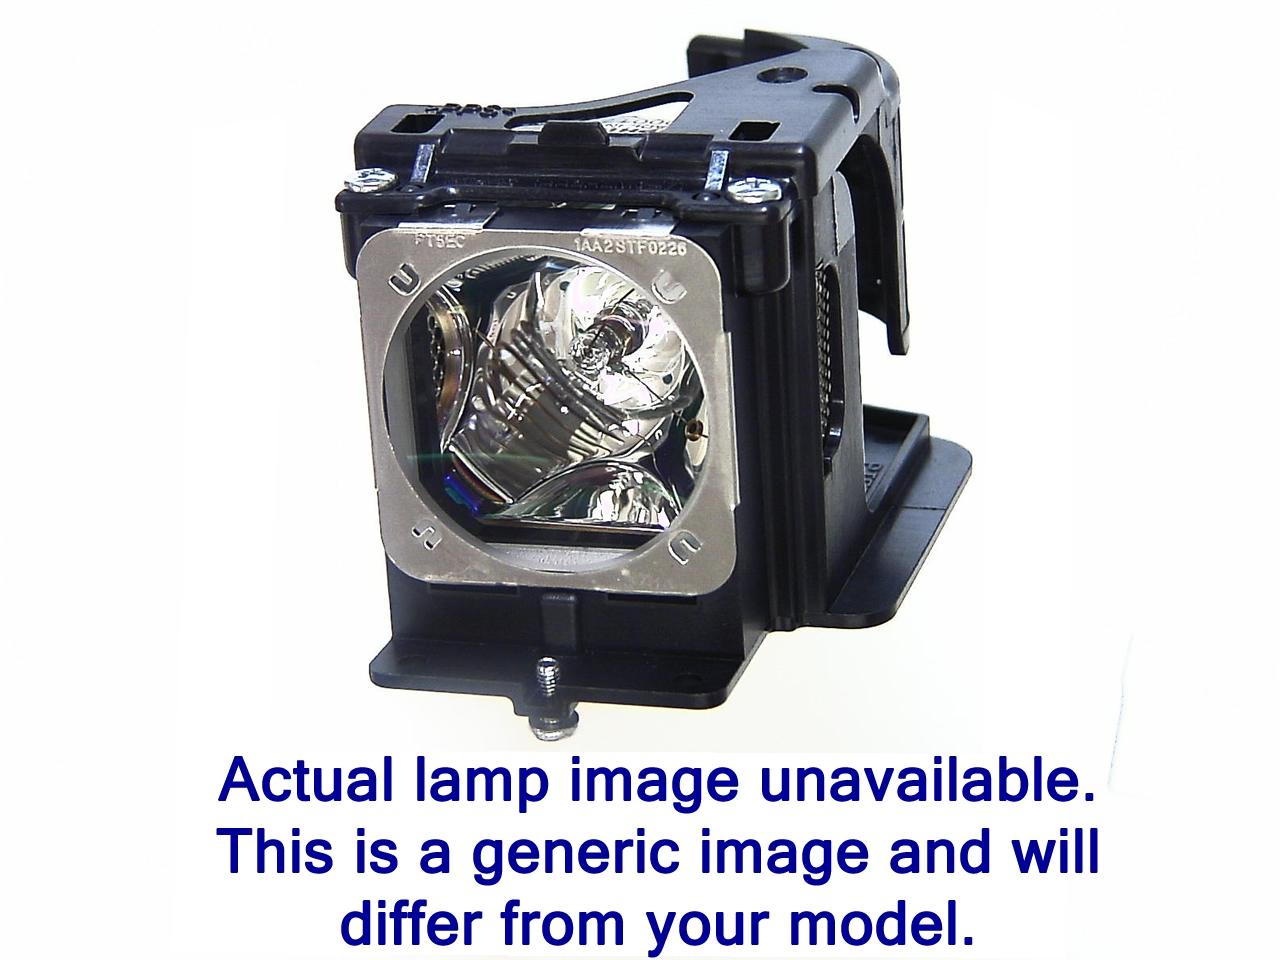 Lámpara BARCO iQ G200L PRO (dual)